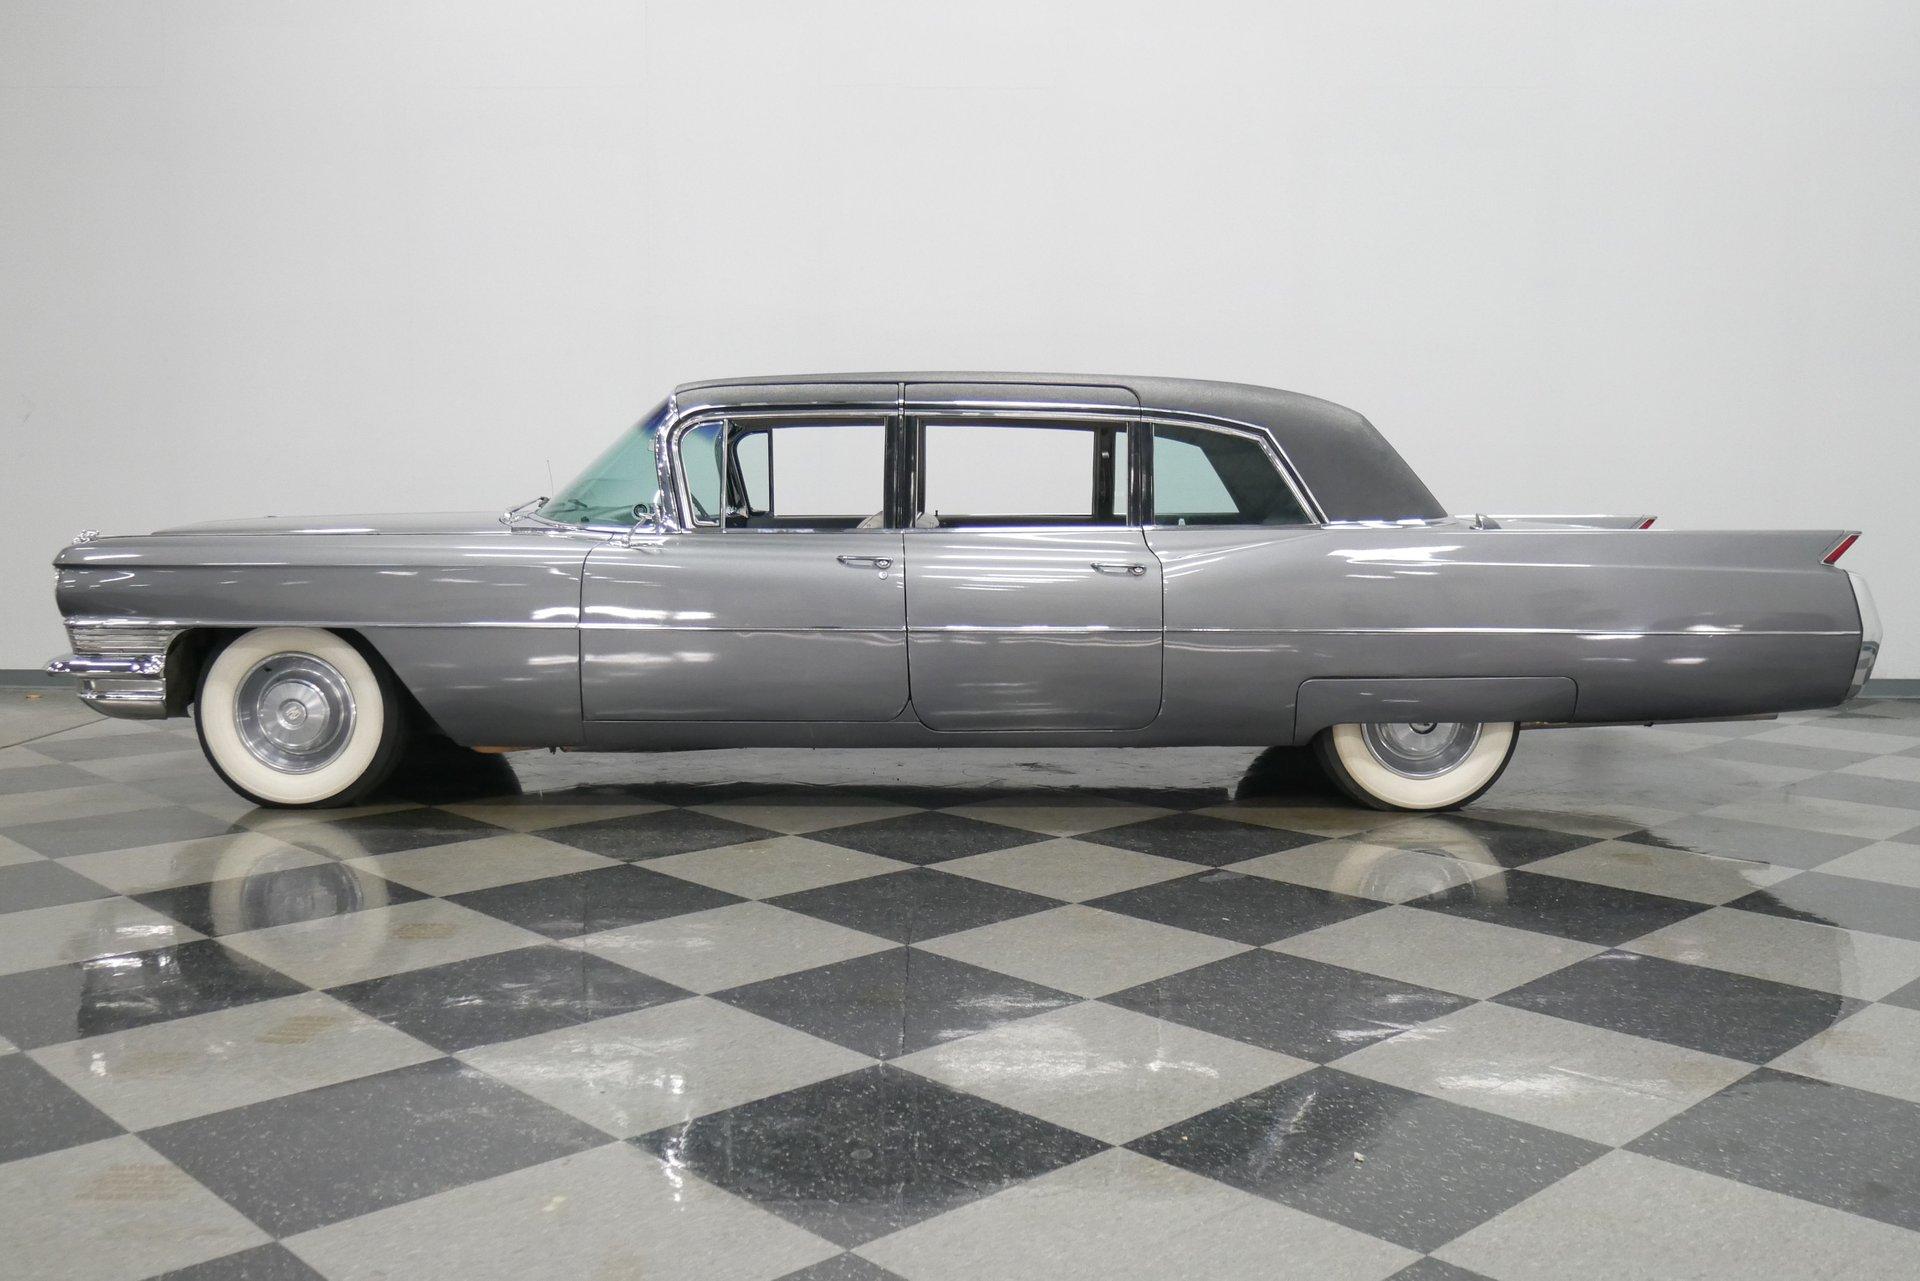 1965 cadillac fleetwood 75 sedan